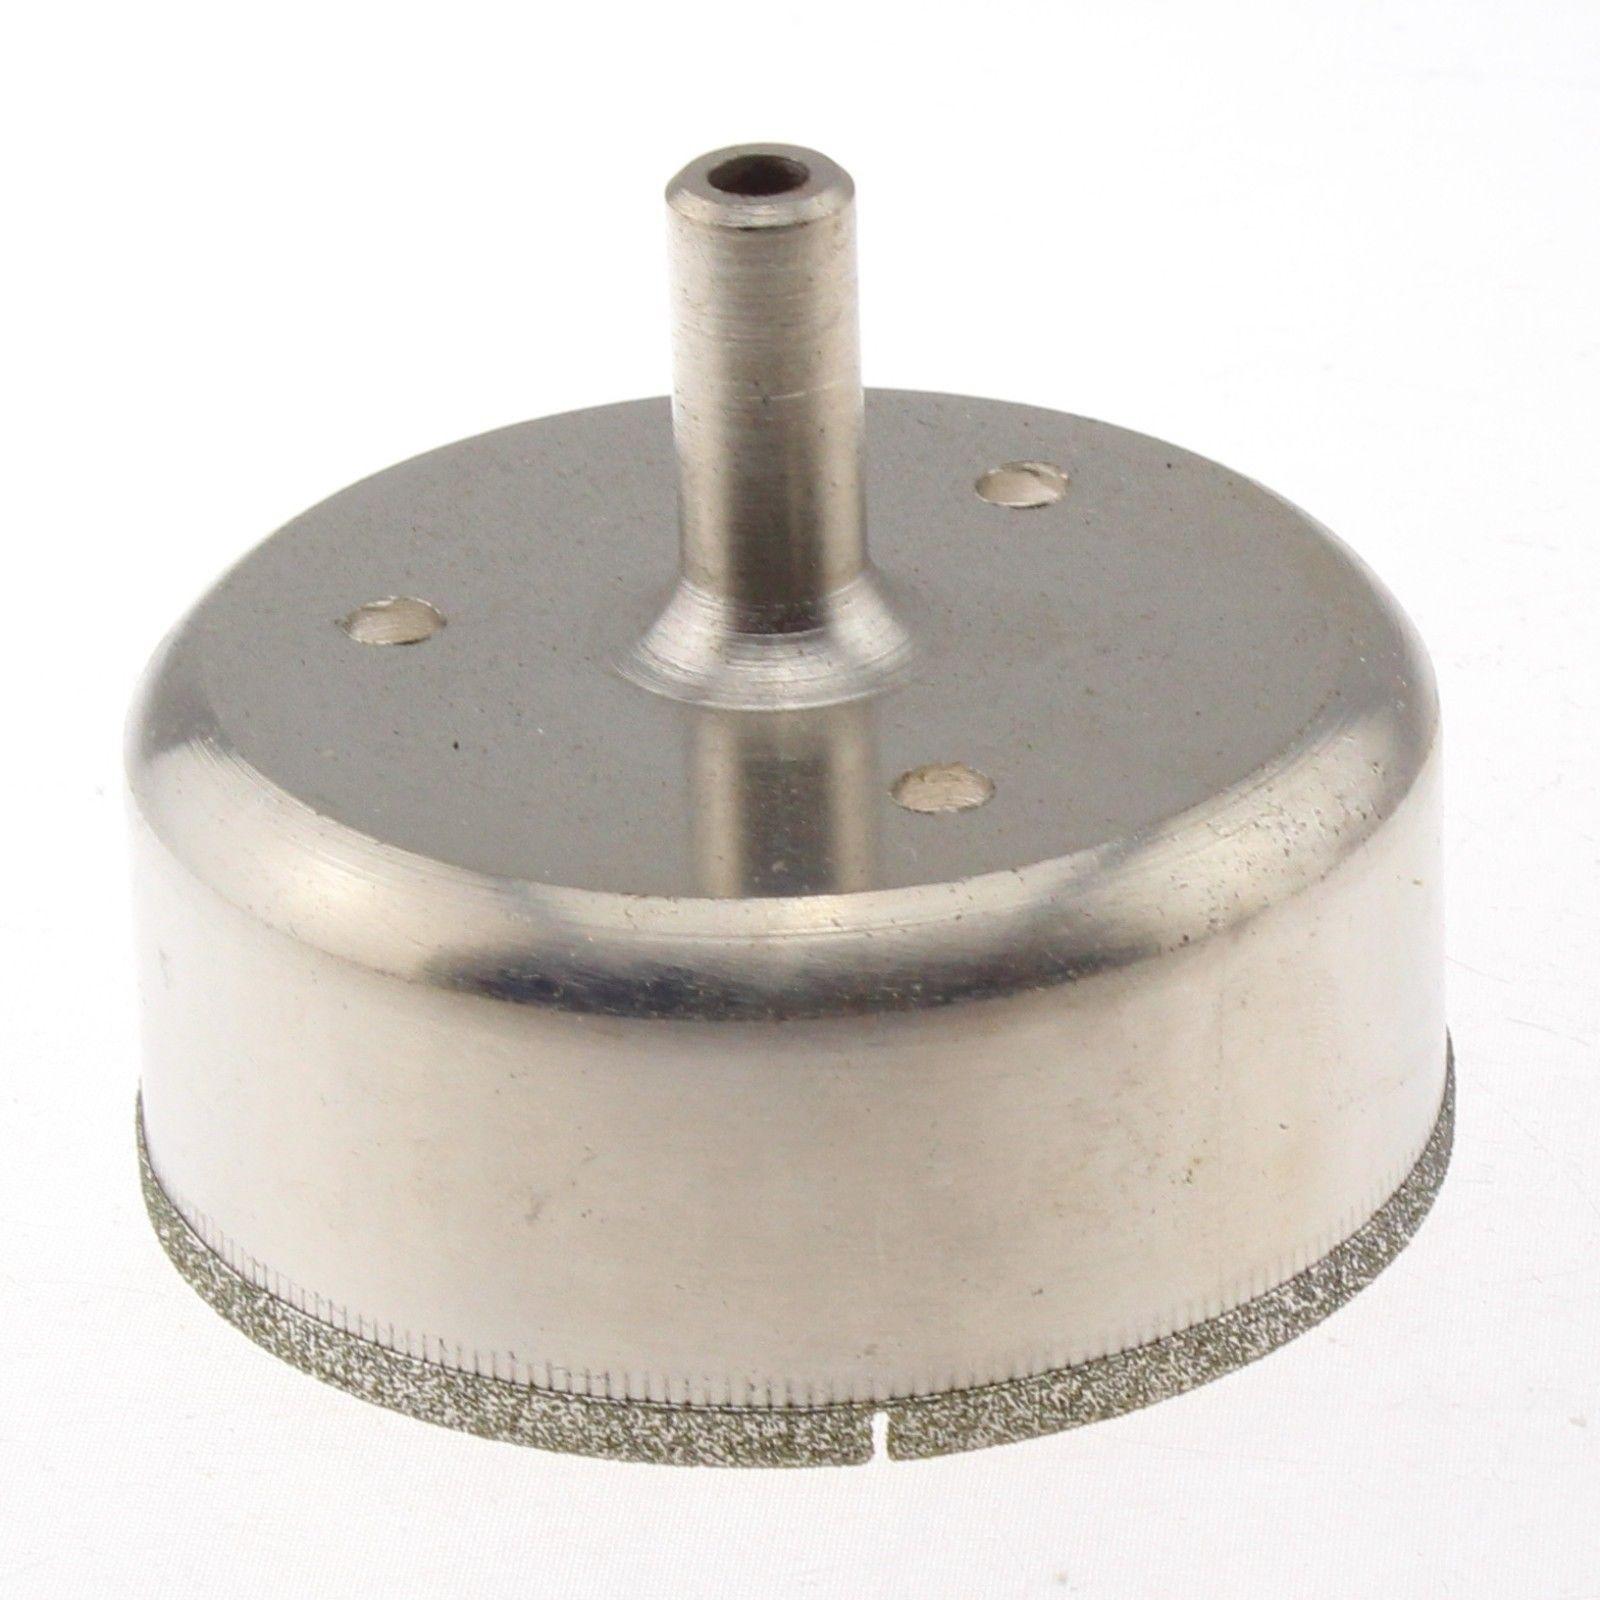 50mm-o cortador revestido diamante do furo de 100mm viu bocados de broca para a telha de vidro cerâmico ilovetool